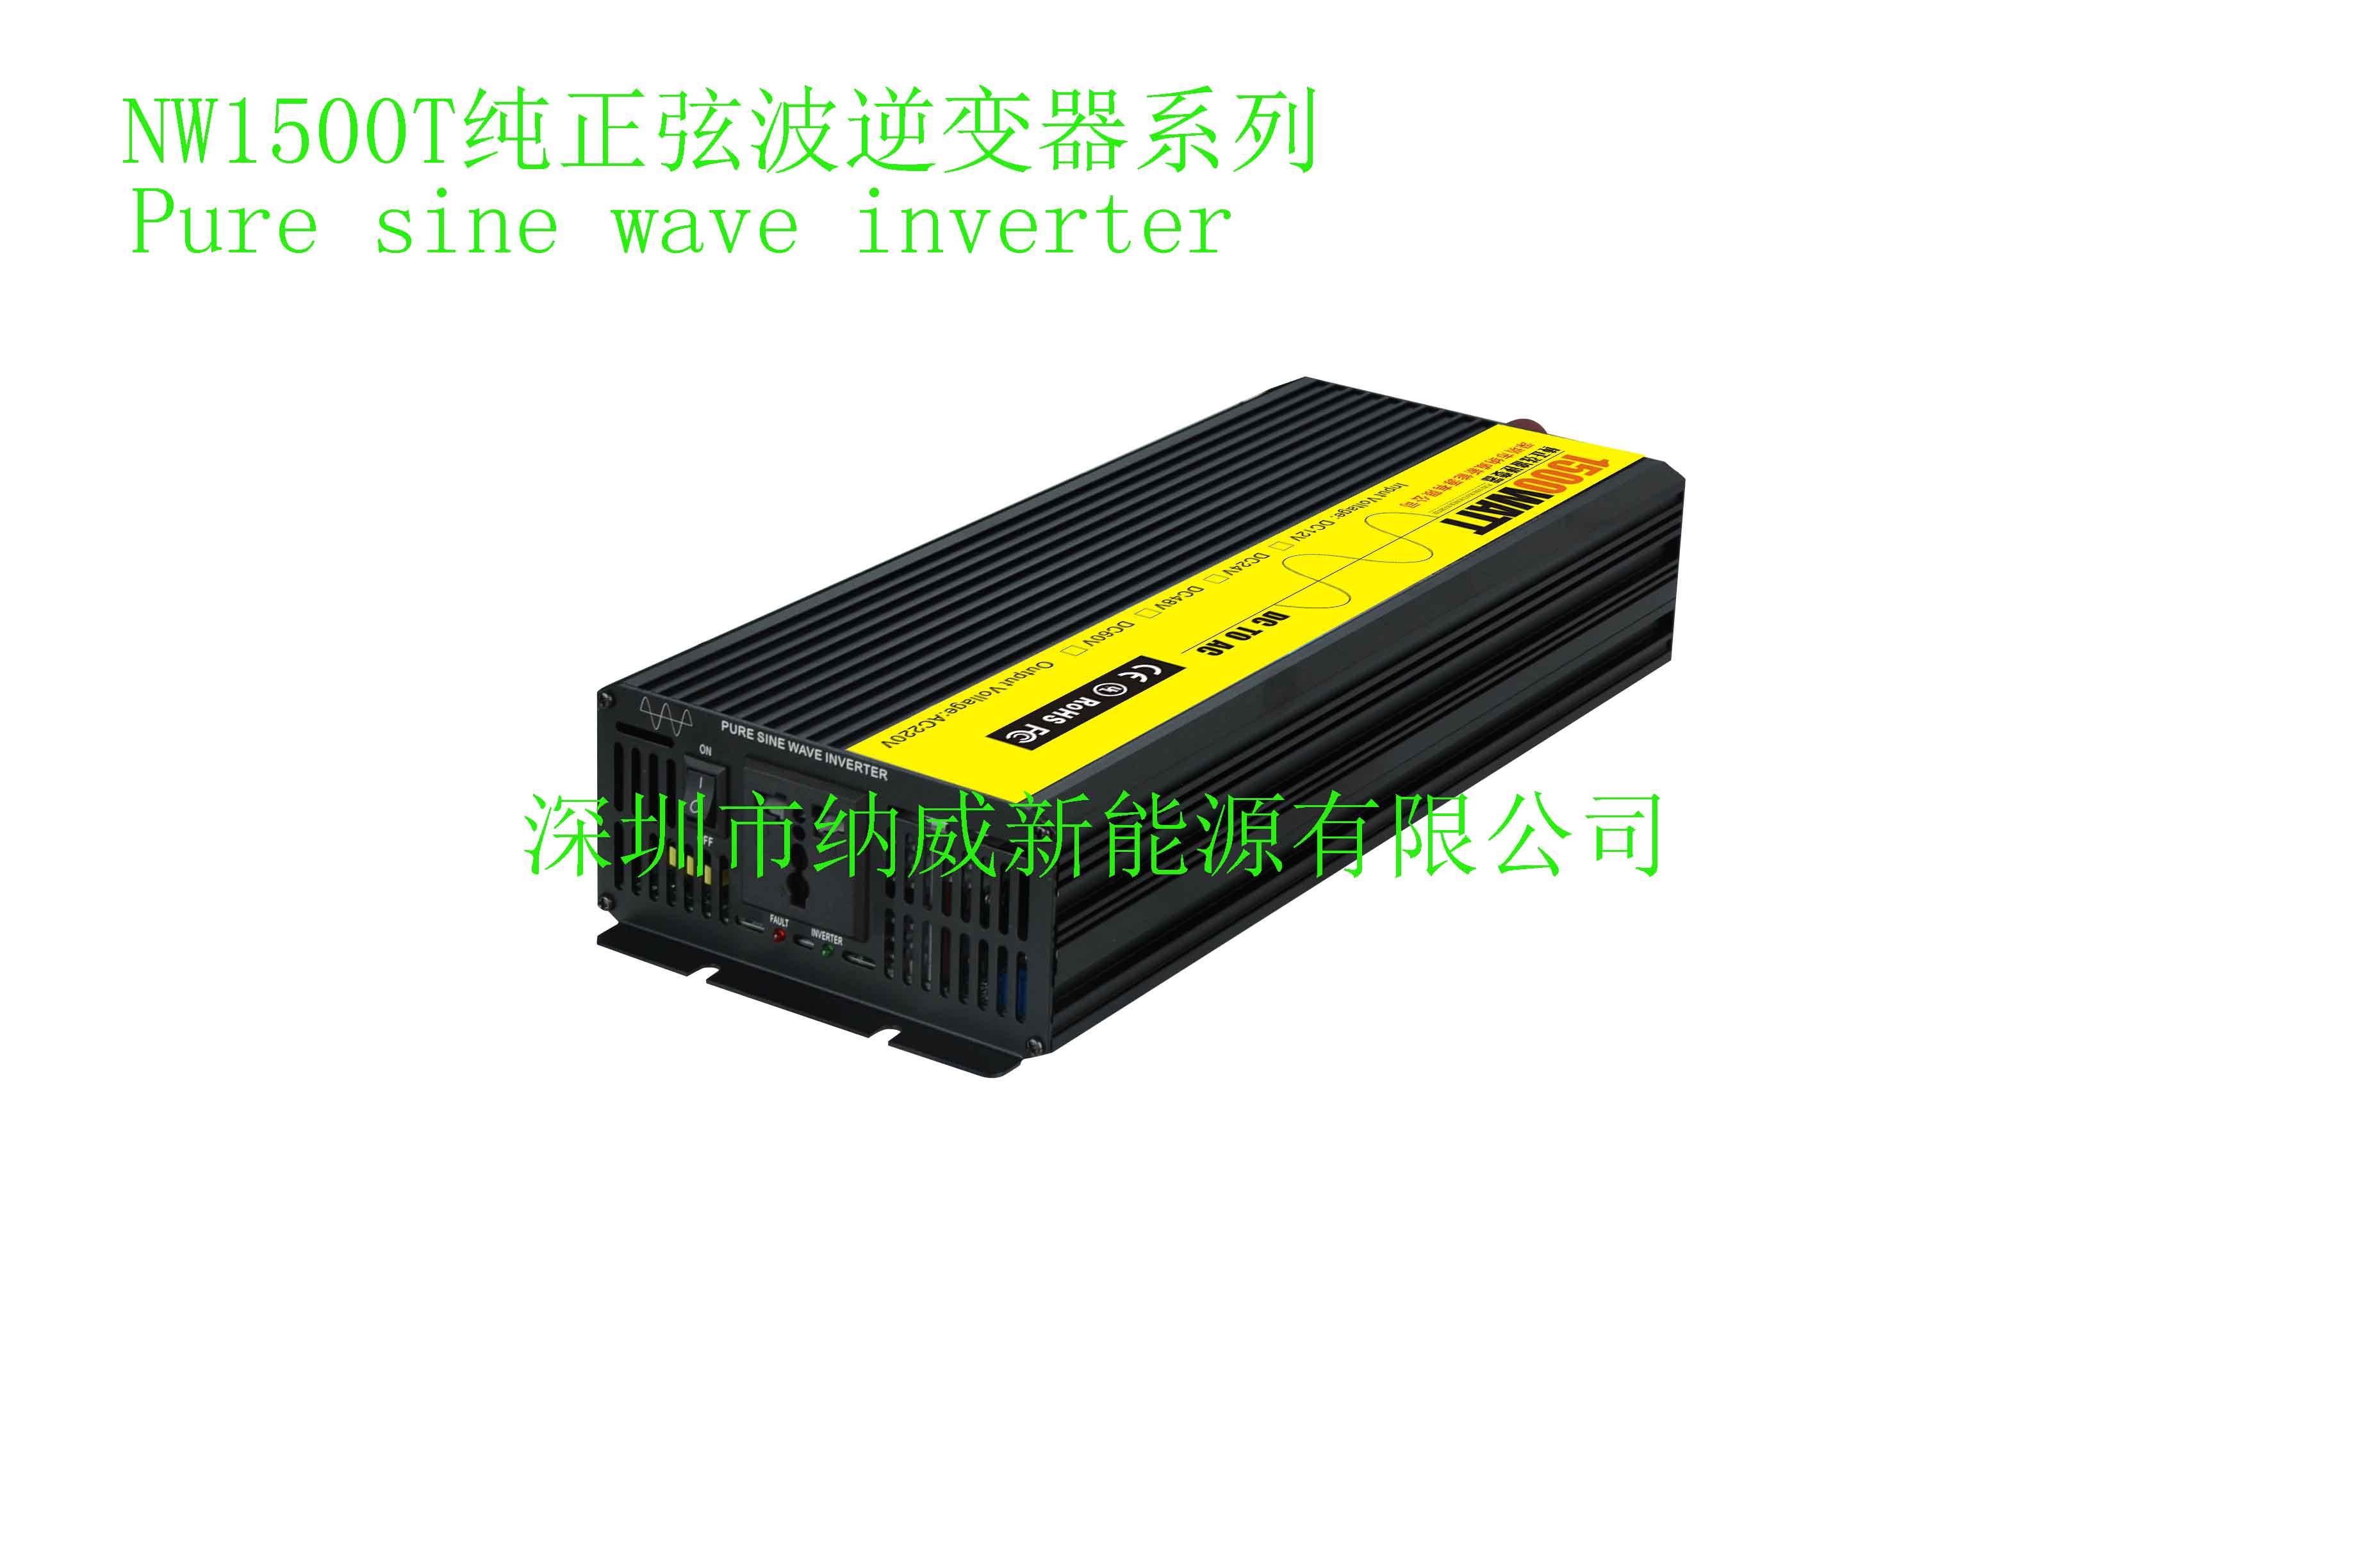 正弦波逆变器1500w_深圳市纳威新能源有限公司